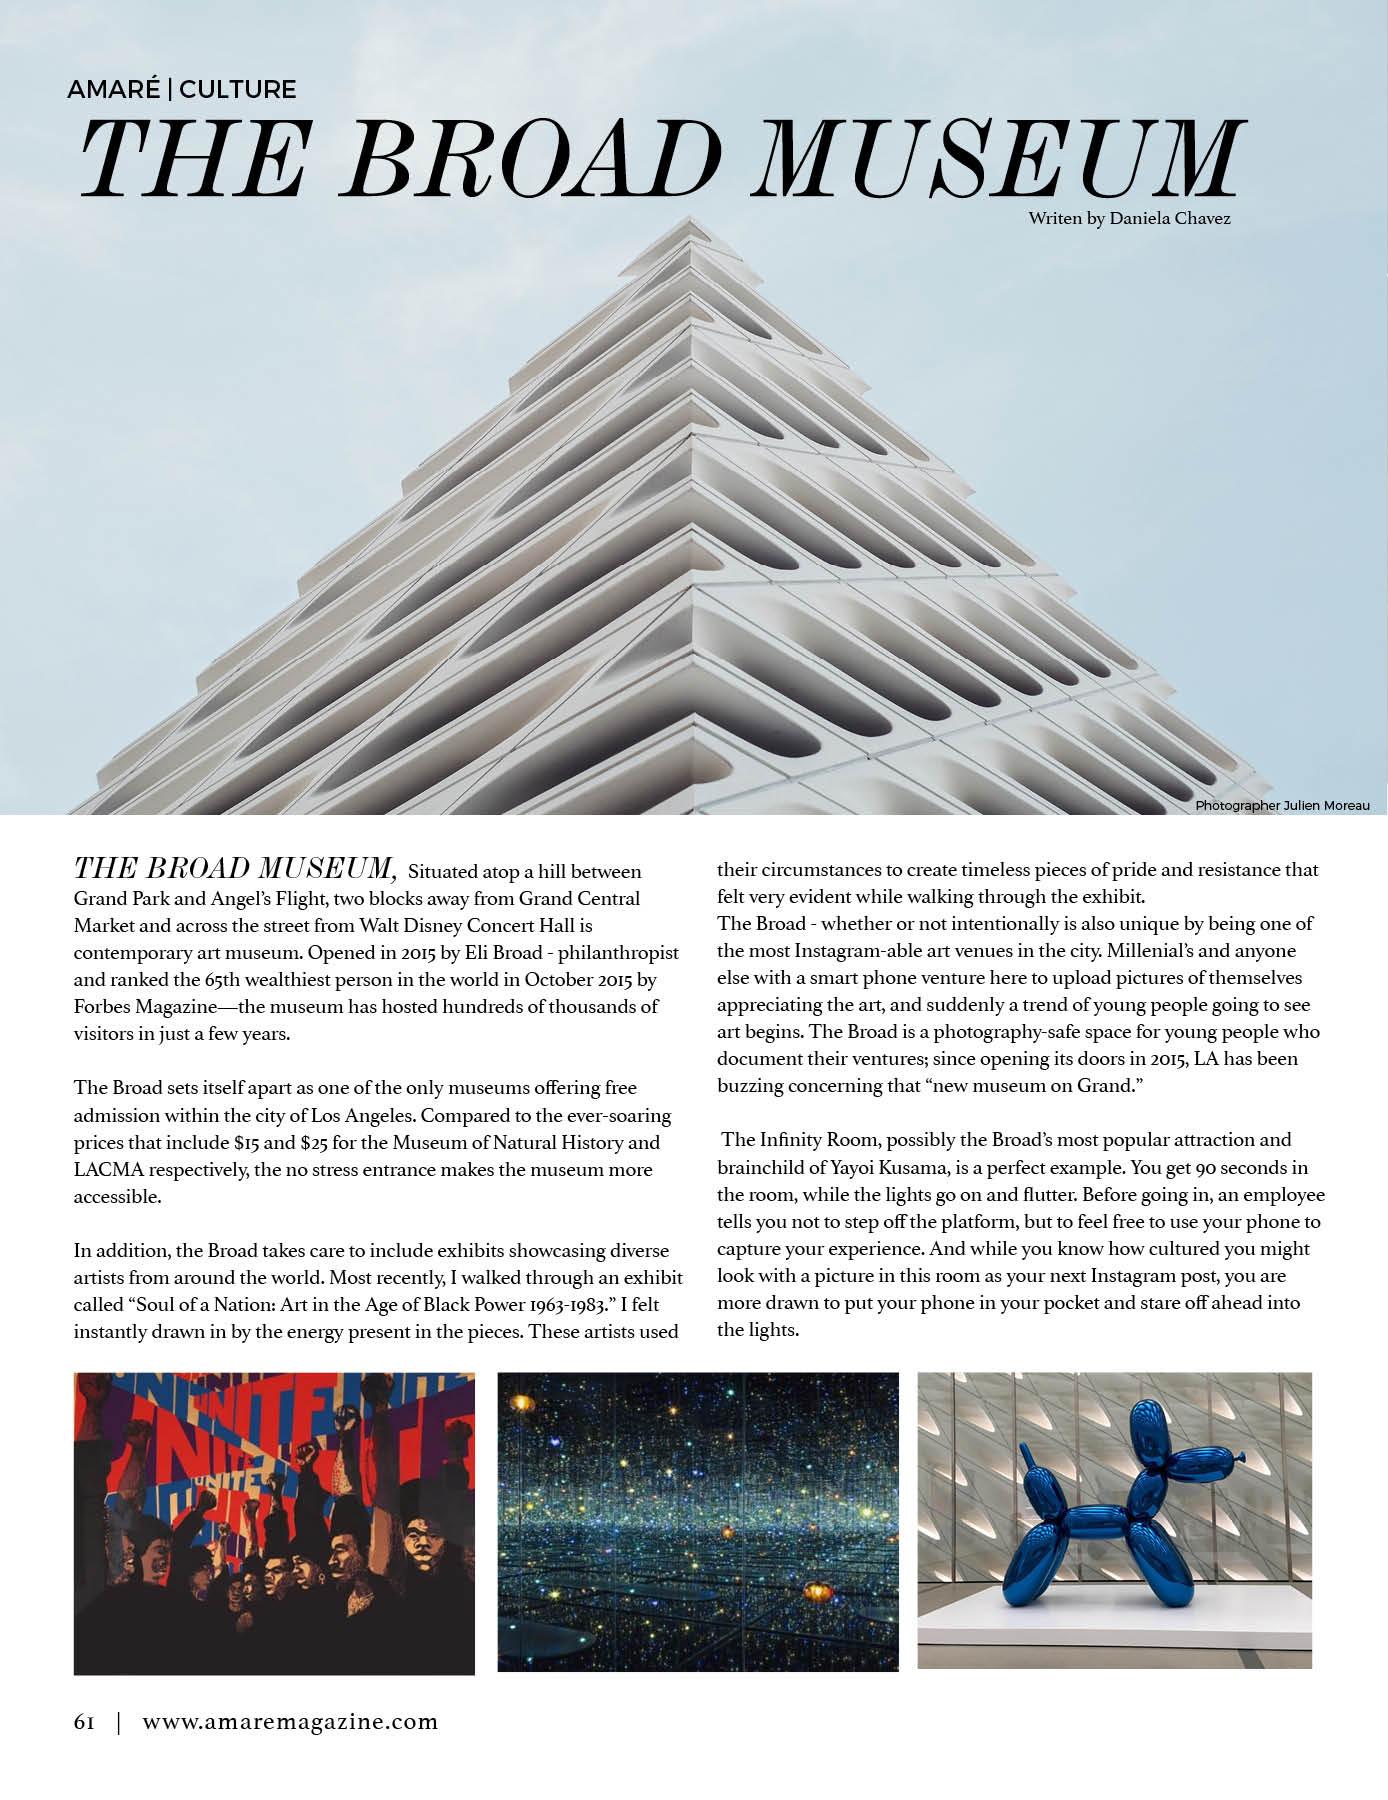 AMARE-Issue-1062.jpg